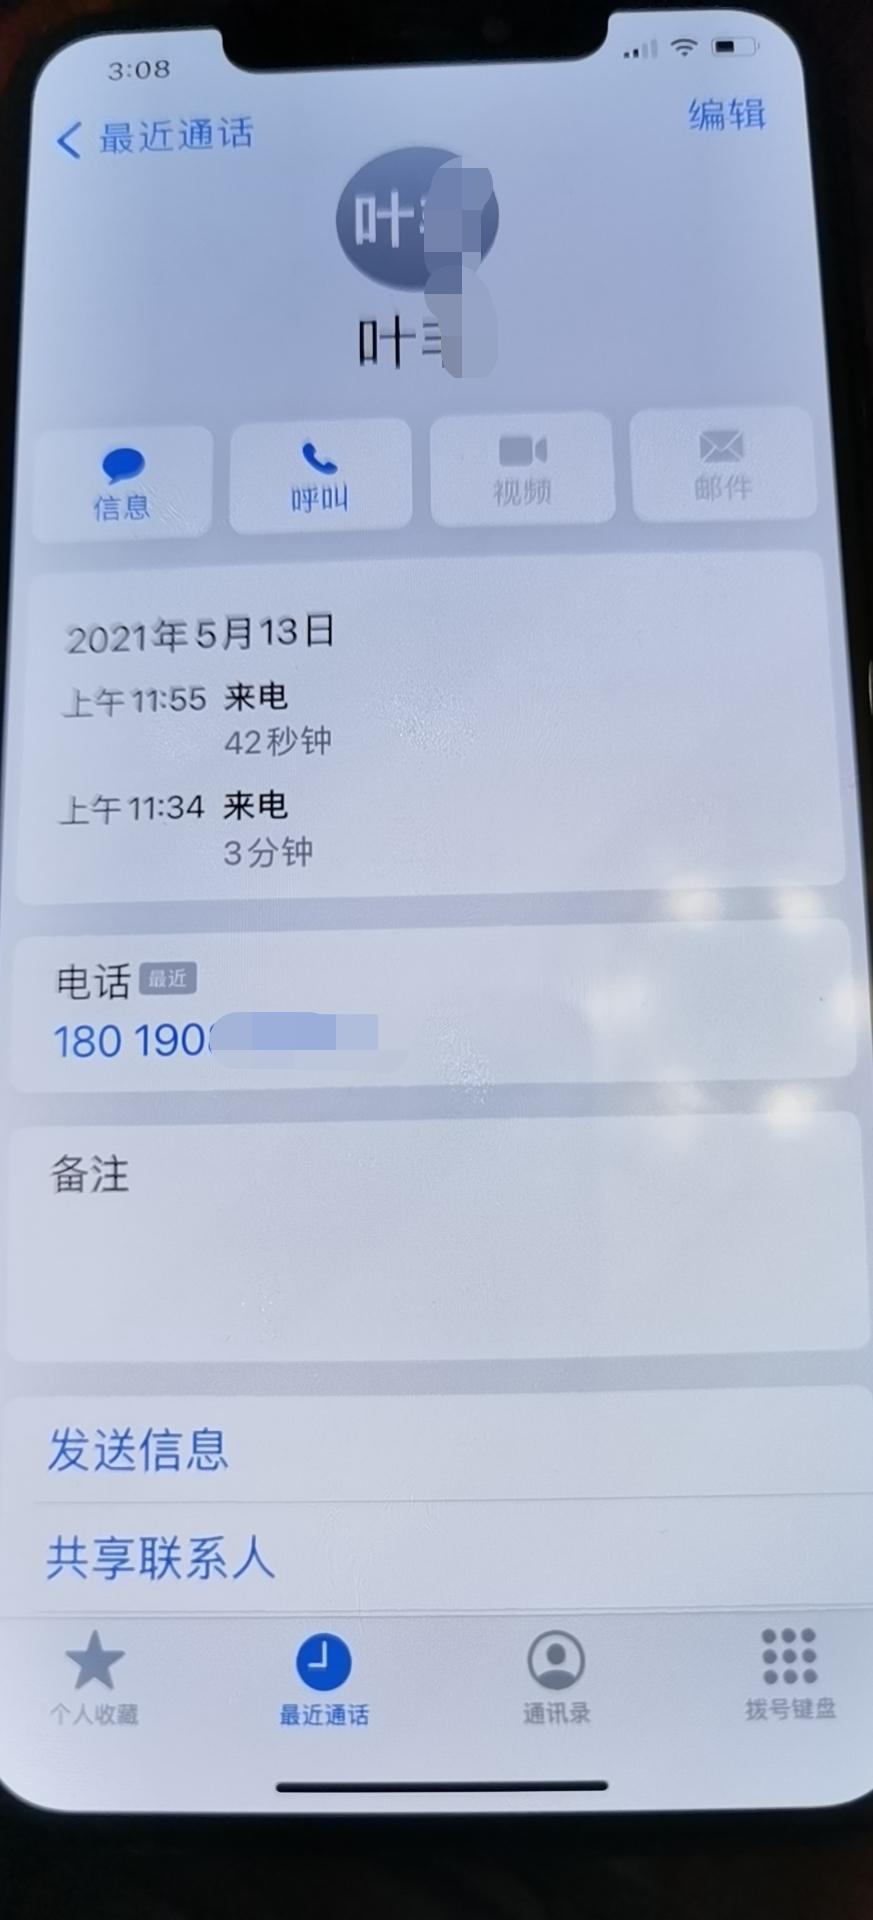 陈和叶通话记录2